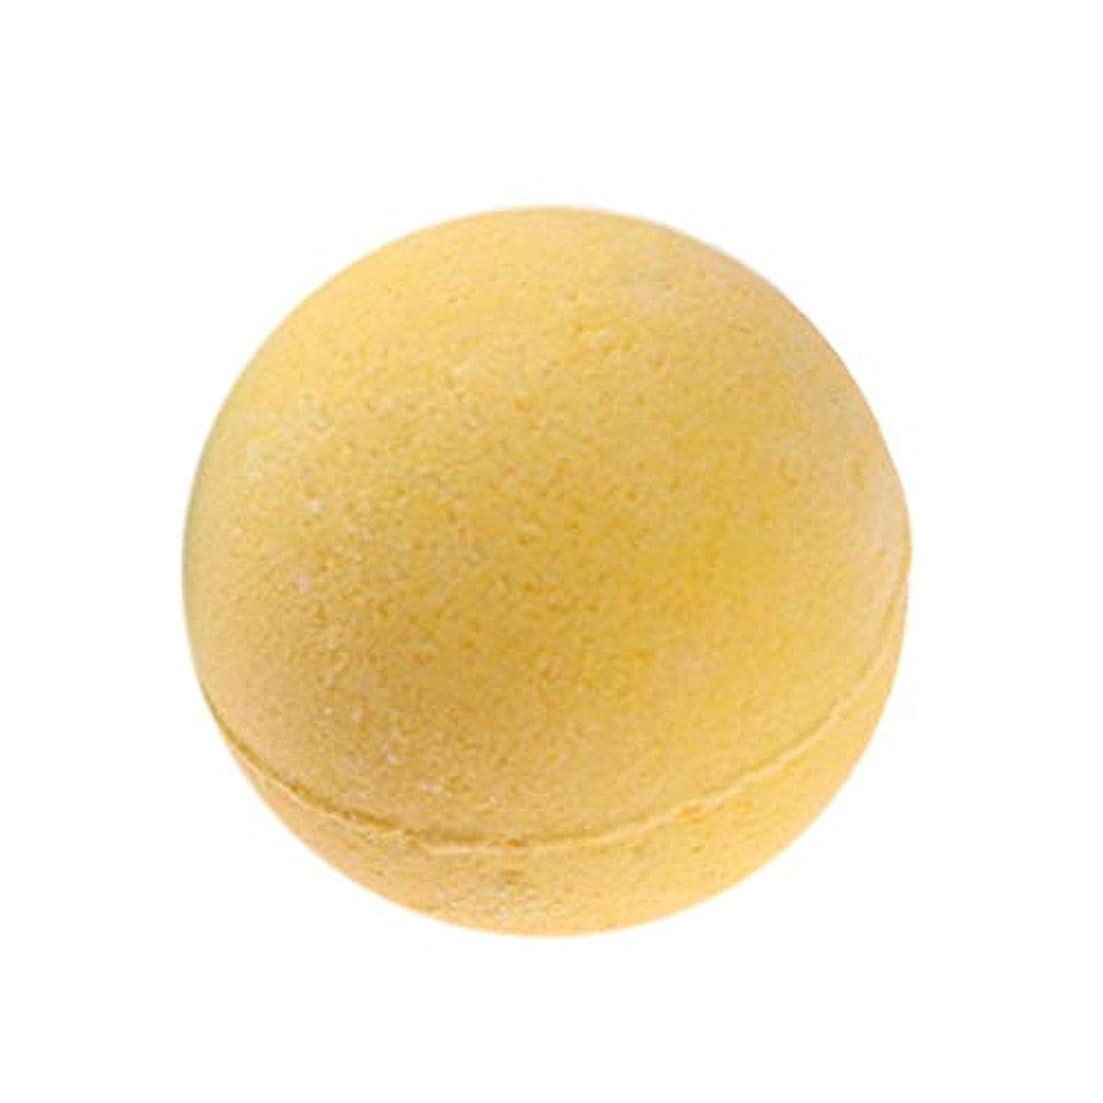 蒸なぜ雇うバスボール ボディスキンホワイトニング バスソルト リラックス ストレスリリーフ バブルシャワー 爆弾ボール 1pc Lushandy